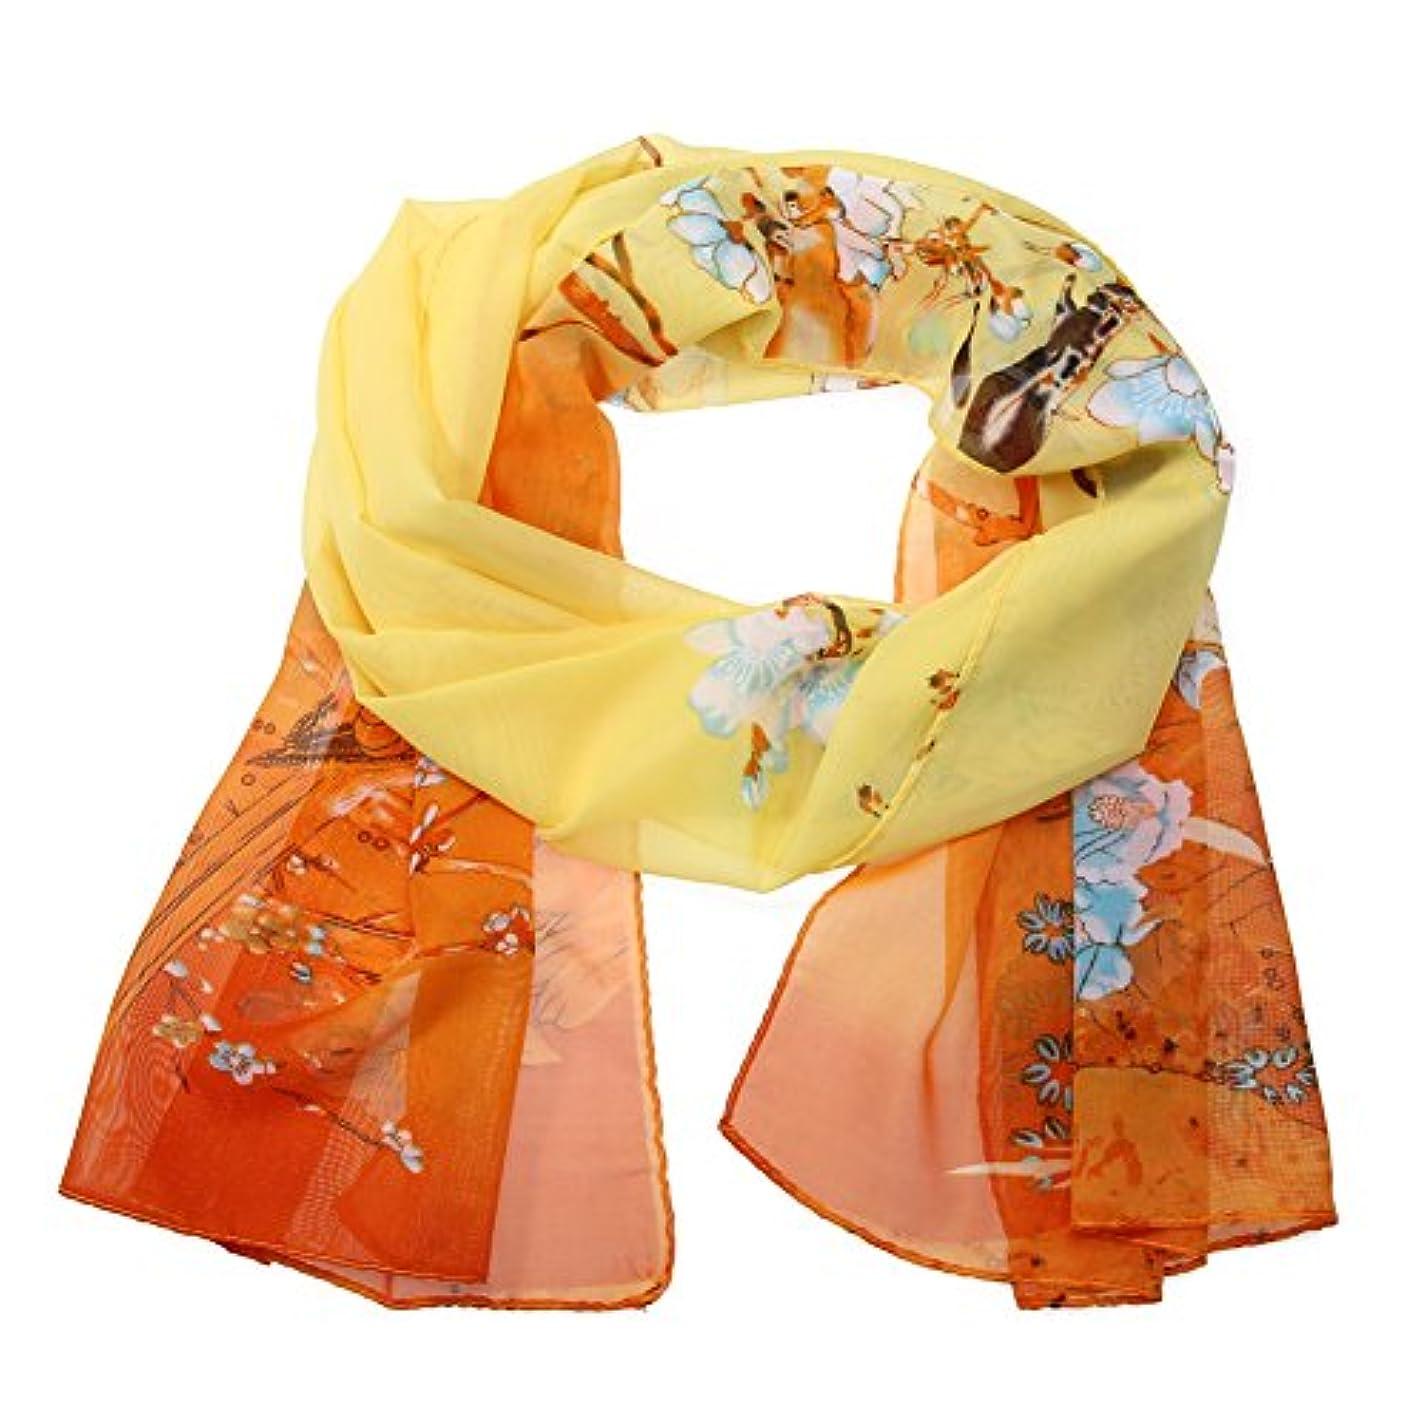 キネマティクス指紋知覚スカーフ レディース シルク 髪飾り バッグ飾り 持ち手 小物 アクセサリー 制服用 通勤 50 * 160cm パーティー用 服に組み合わせ易い 13色